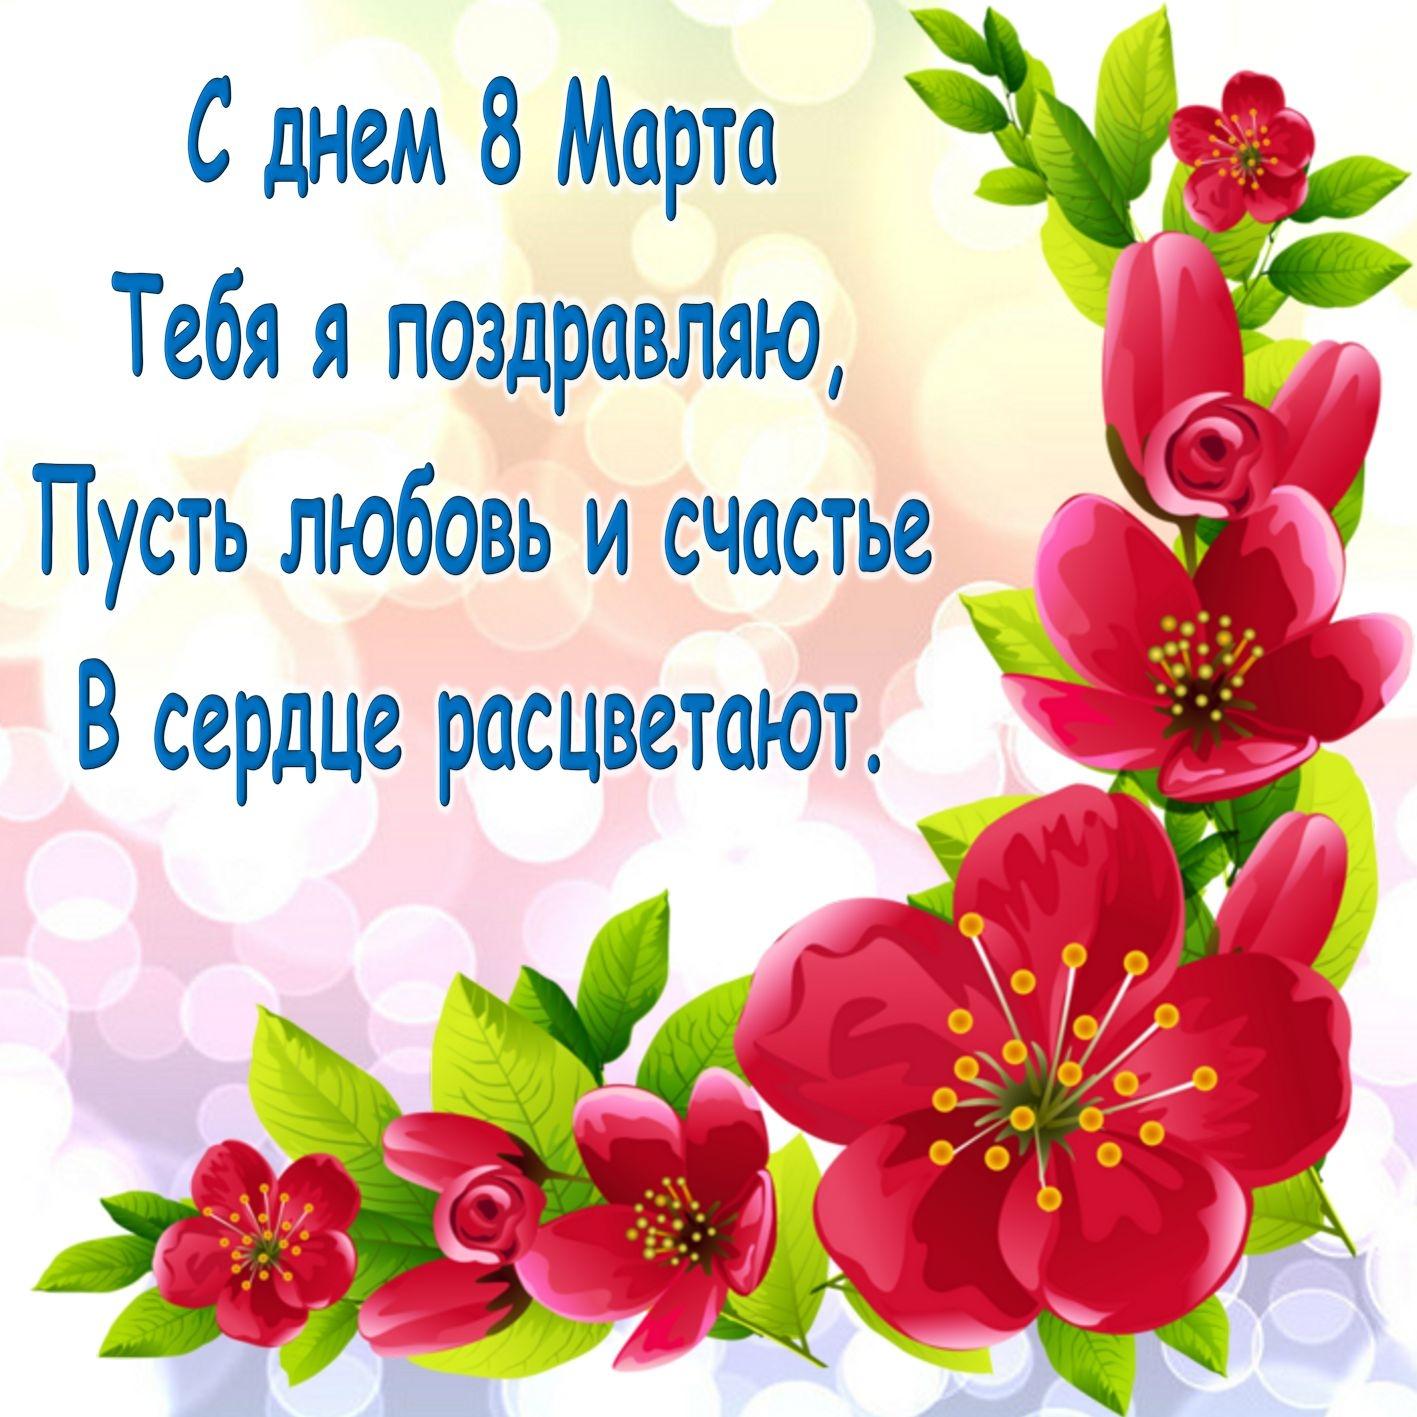 поздравление с праздником 8 марта стих популяризирует натуральный культуризм